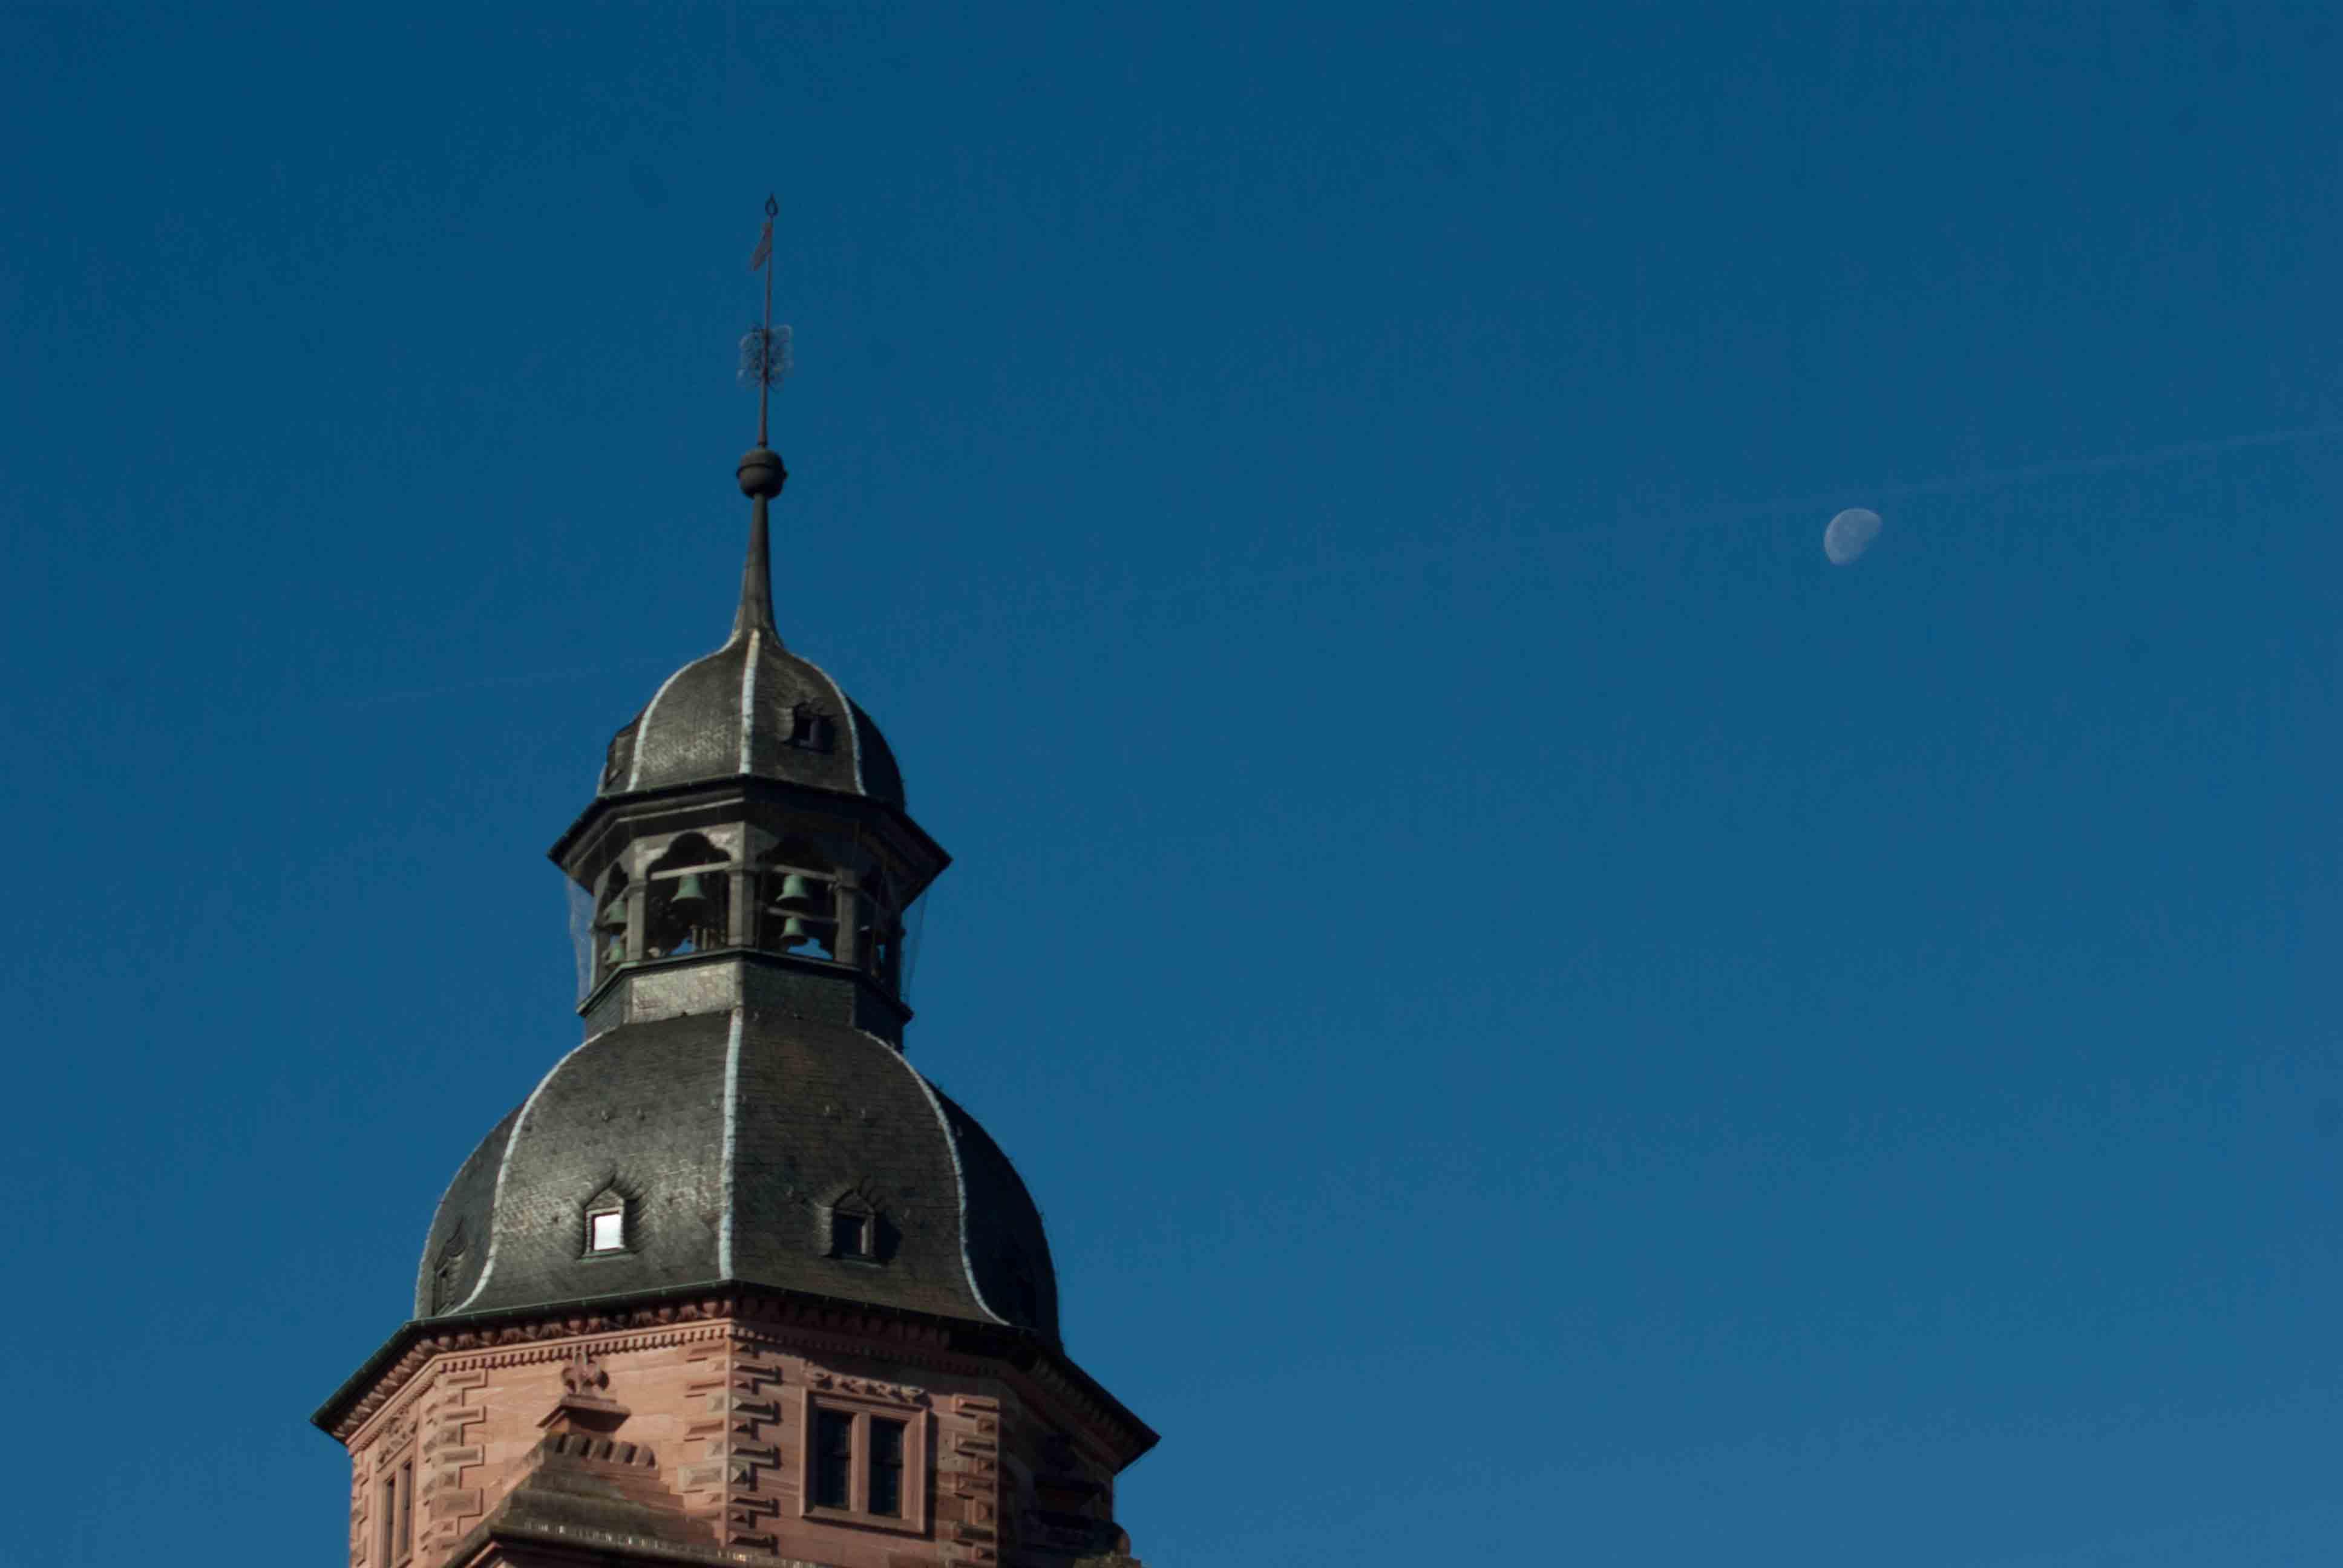 Ökomarkt Aschaffenburg